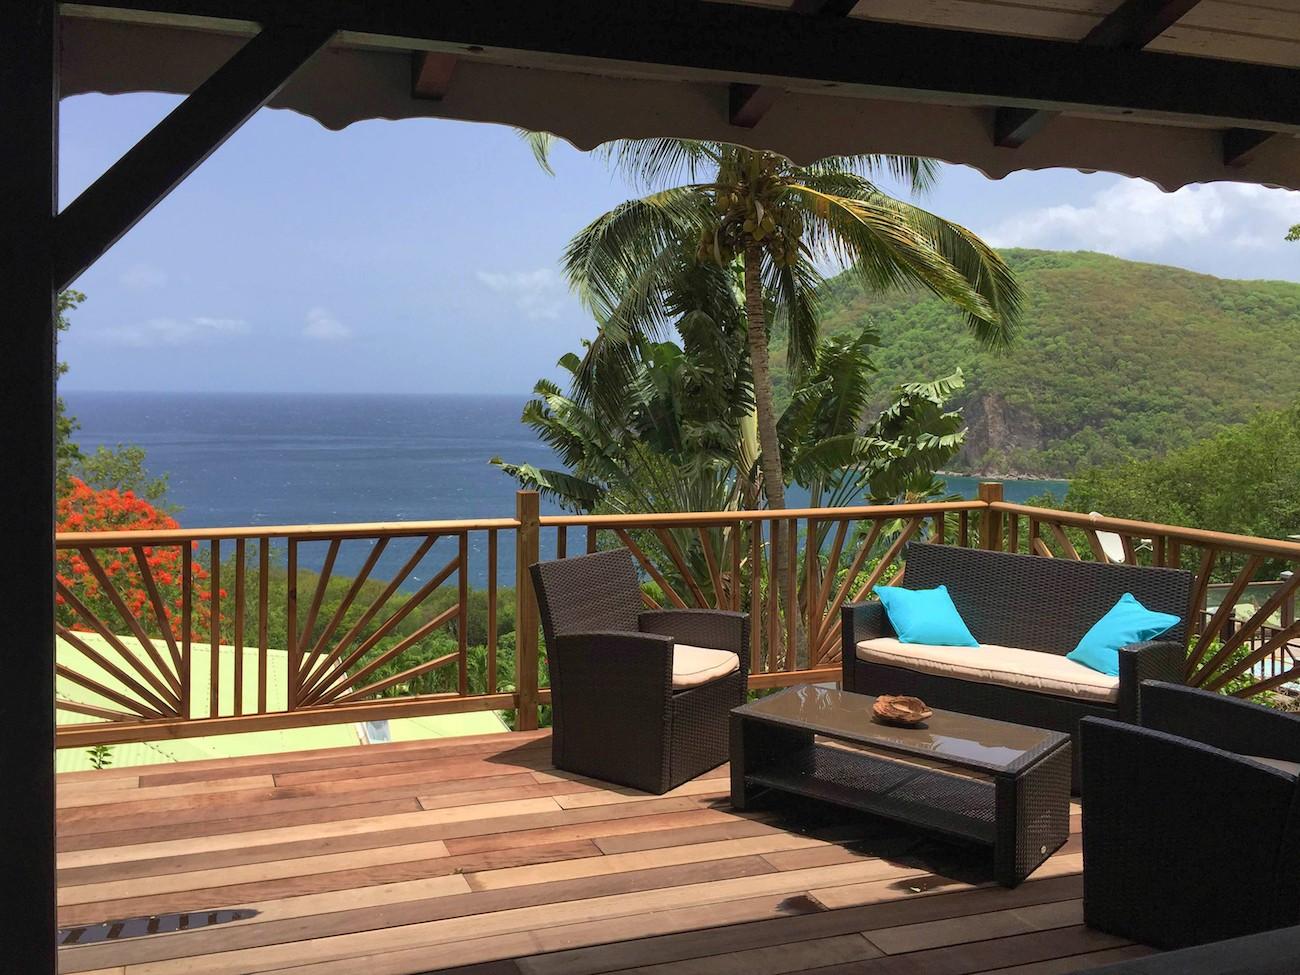 Villa palma guadeloupe 2 ch location villa vacances deshaies for Villa deshaies avec piscine